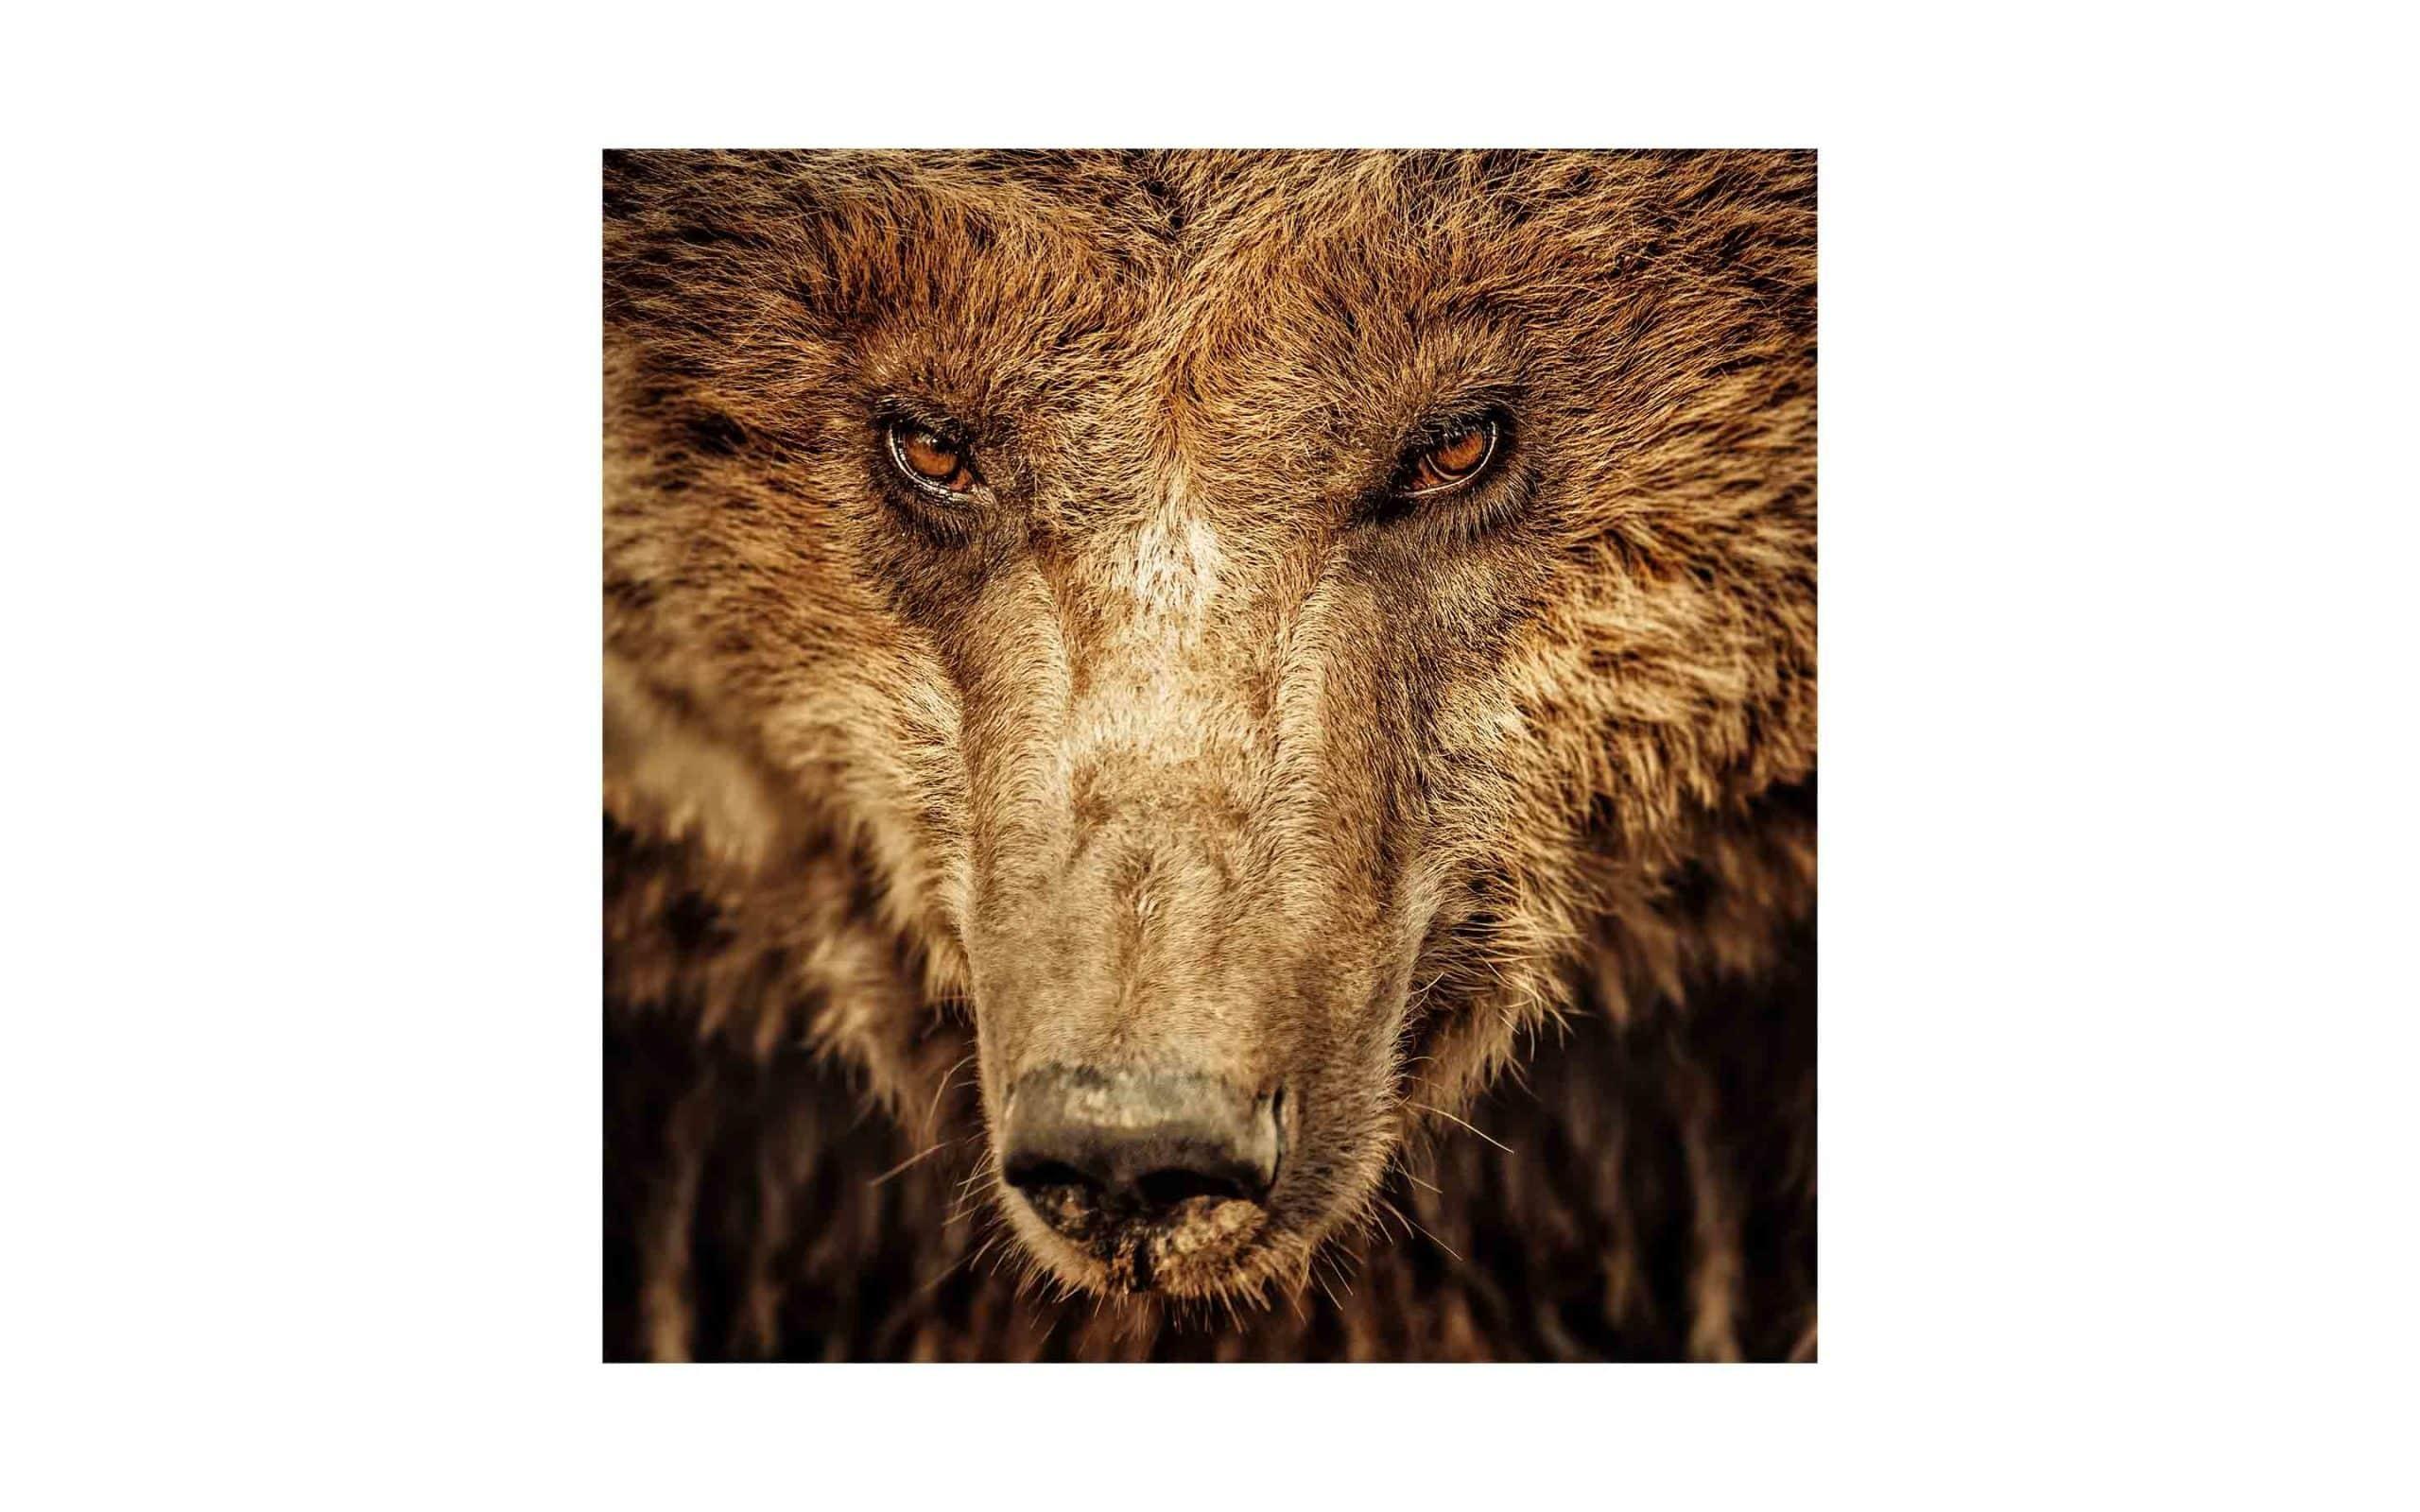 ak-grizz-via-shutterstock.jpg?mtime=20170811093756#asset:6246